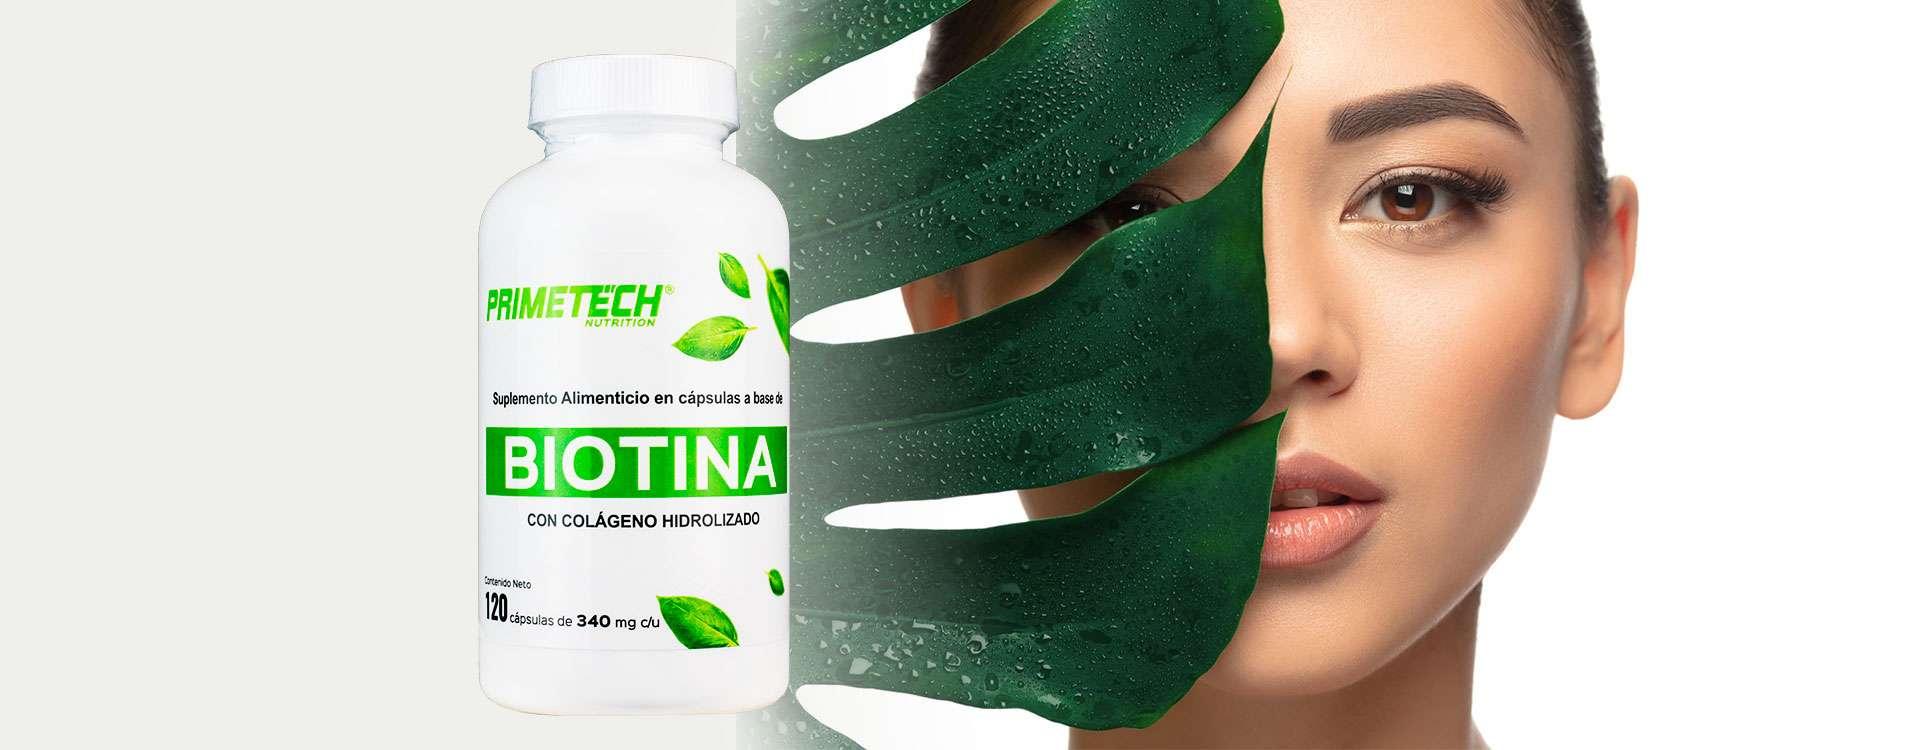 Biotina y dieta Keto